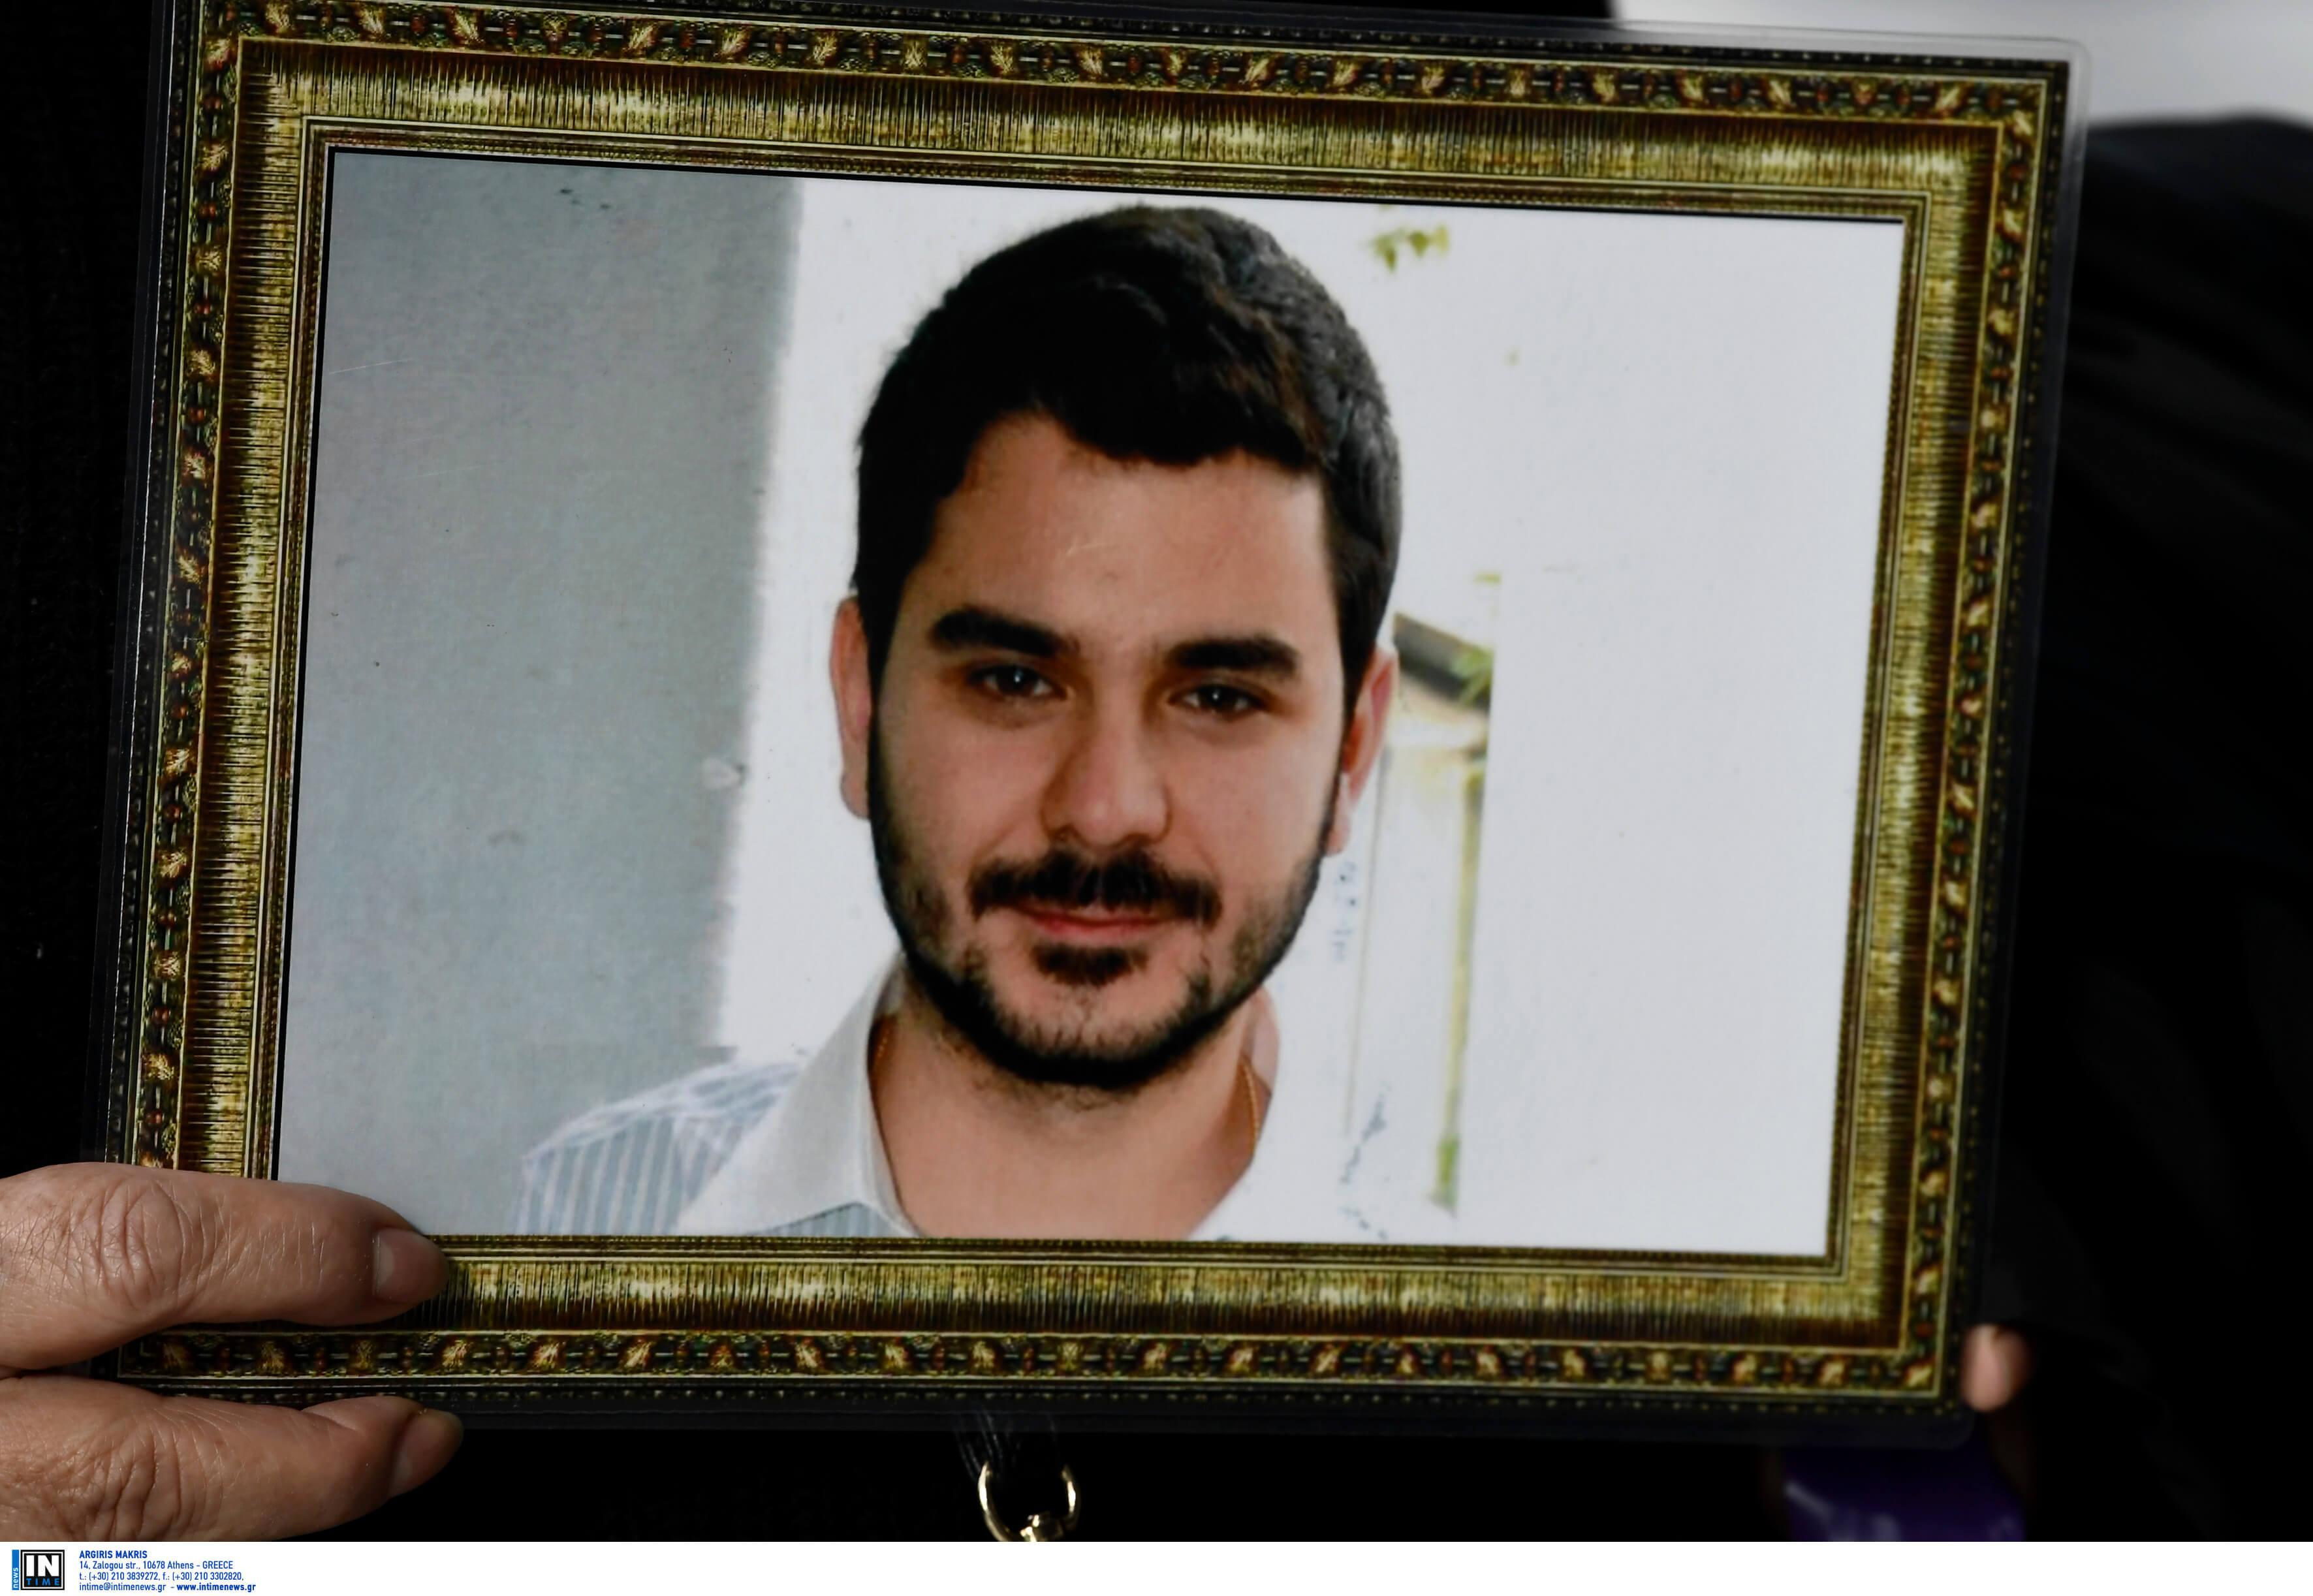 Μάριος Παπαγεωργίου: Η μητέρα του ζητά από τον Άρειο Πάγο να «ξεπαγώσει» η ανάκριση